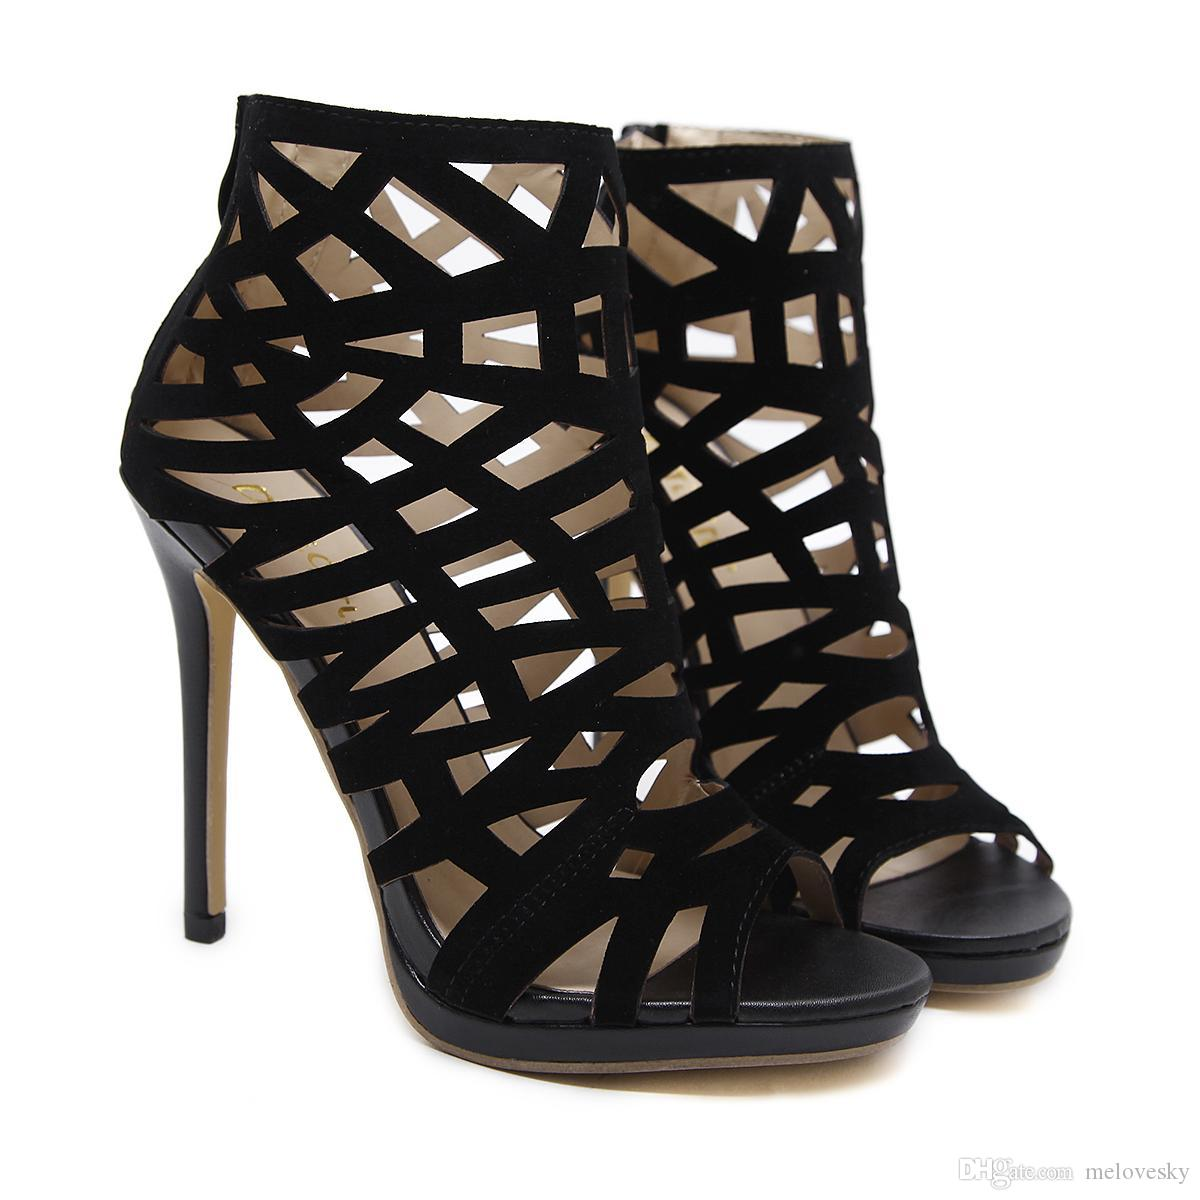 timeless design f9944 48362 Neue offene Spitze Schuhe für Frauen elegante dünne High Heels Mode  Cut-Outs Stiefel Super Heels Mode Stiefel plus Größe Paare Stil Martin  Stiefel